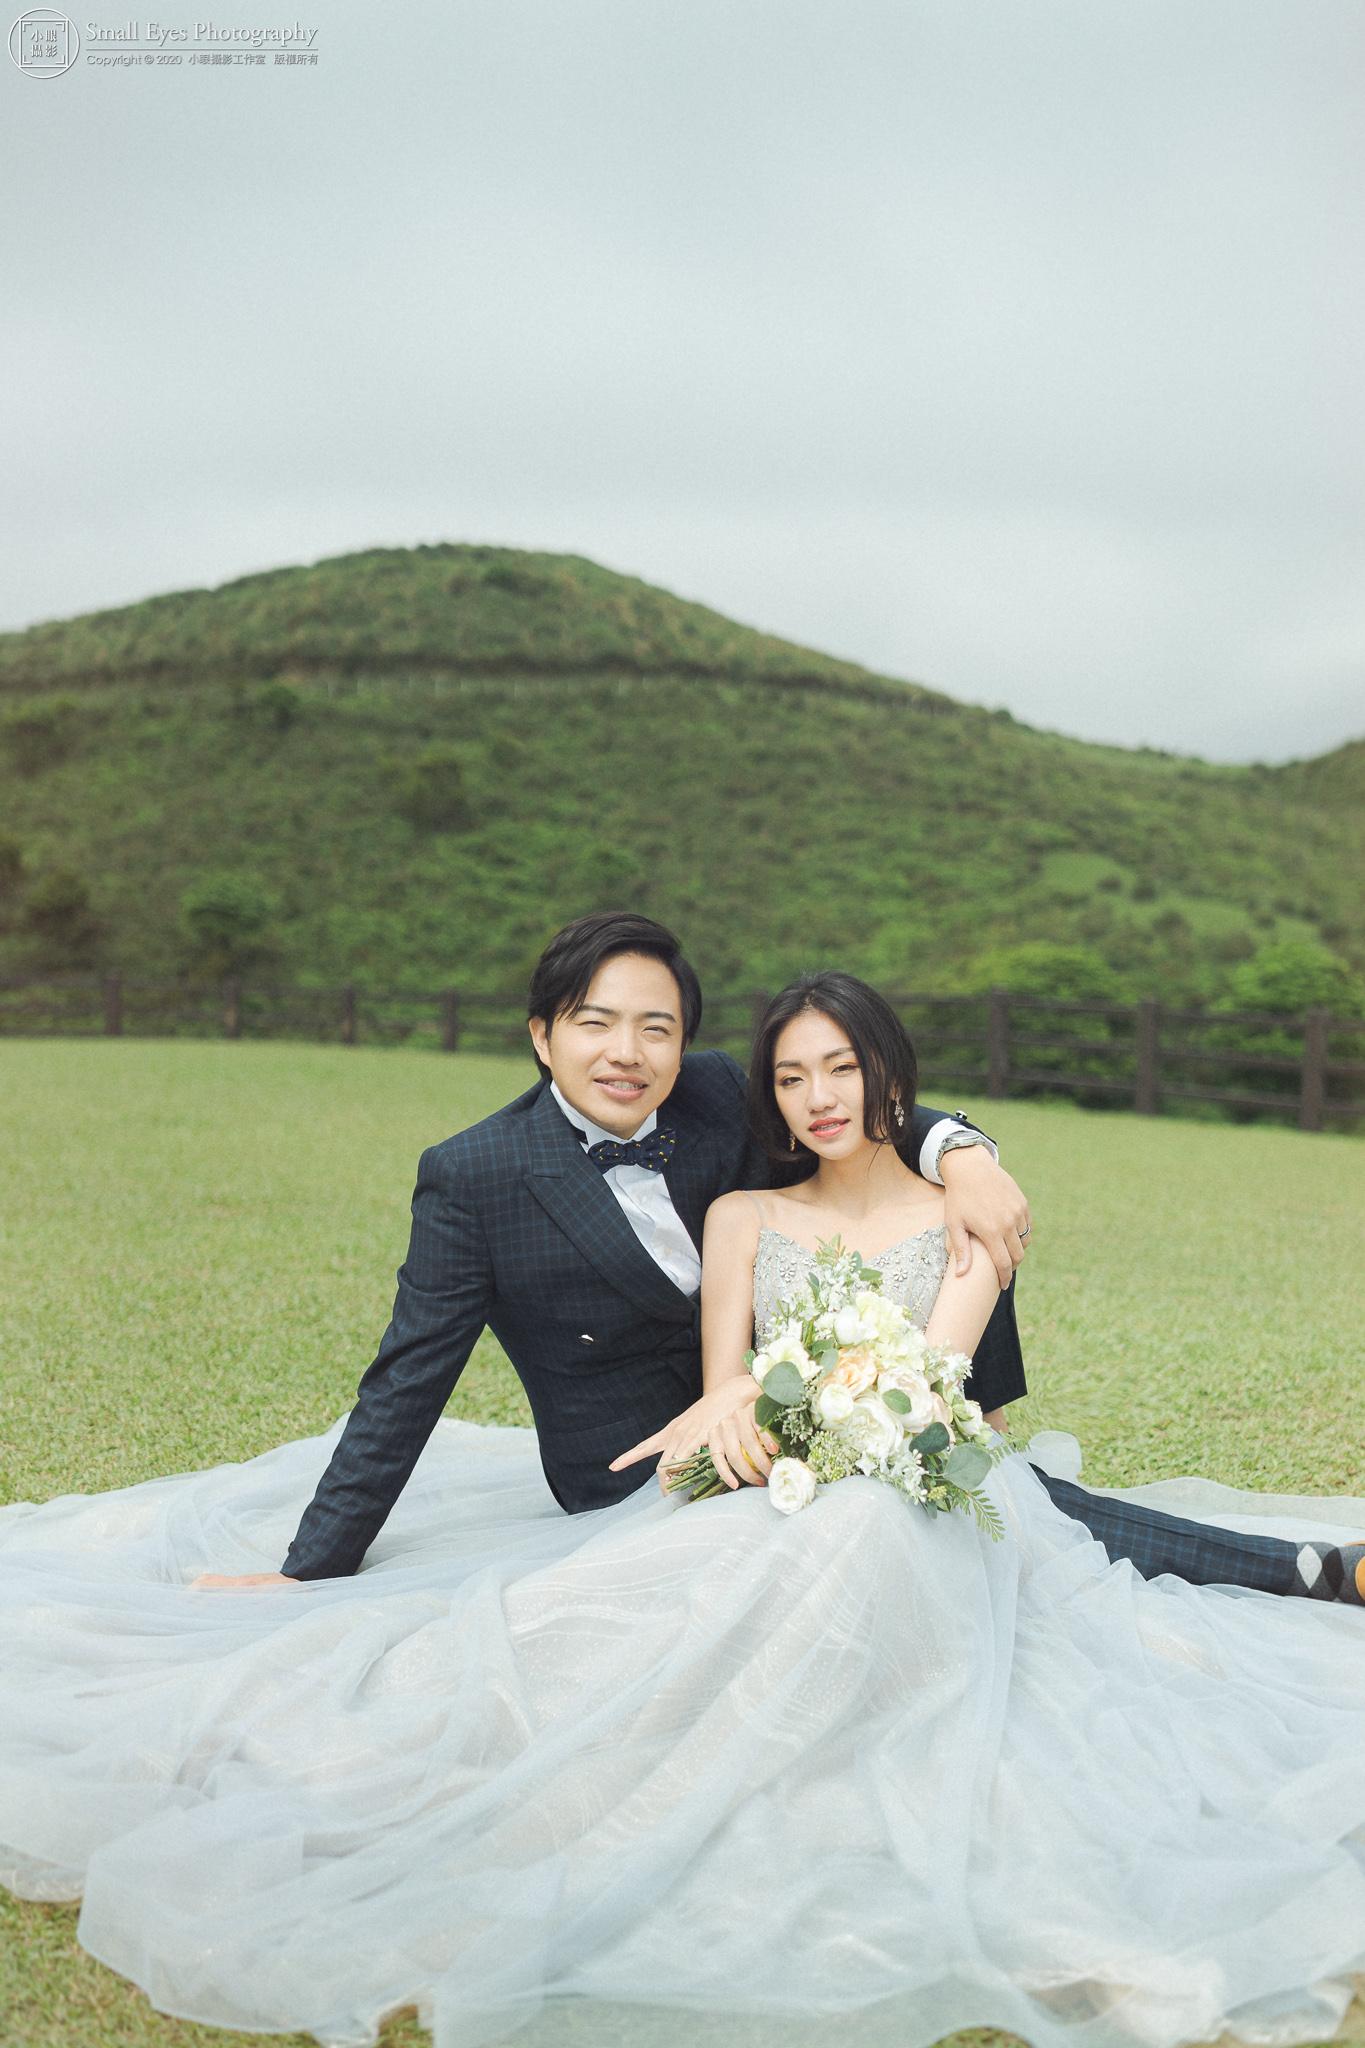 小眼攝影,婚紗攝影,婚攝,吉兒婚紗,新秘瓜瓜,自助婚紗,自主婚紗,台灣,台北,陽明山,草坪,草地